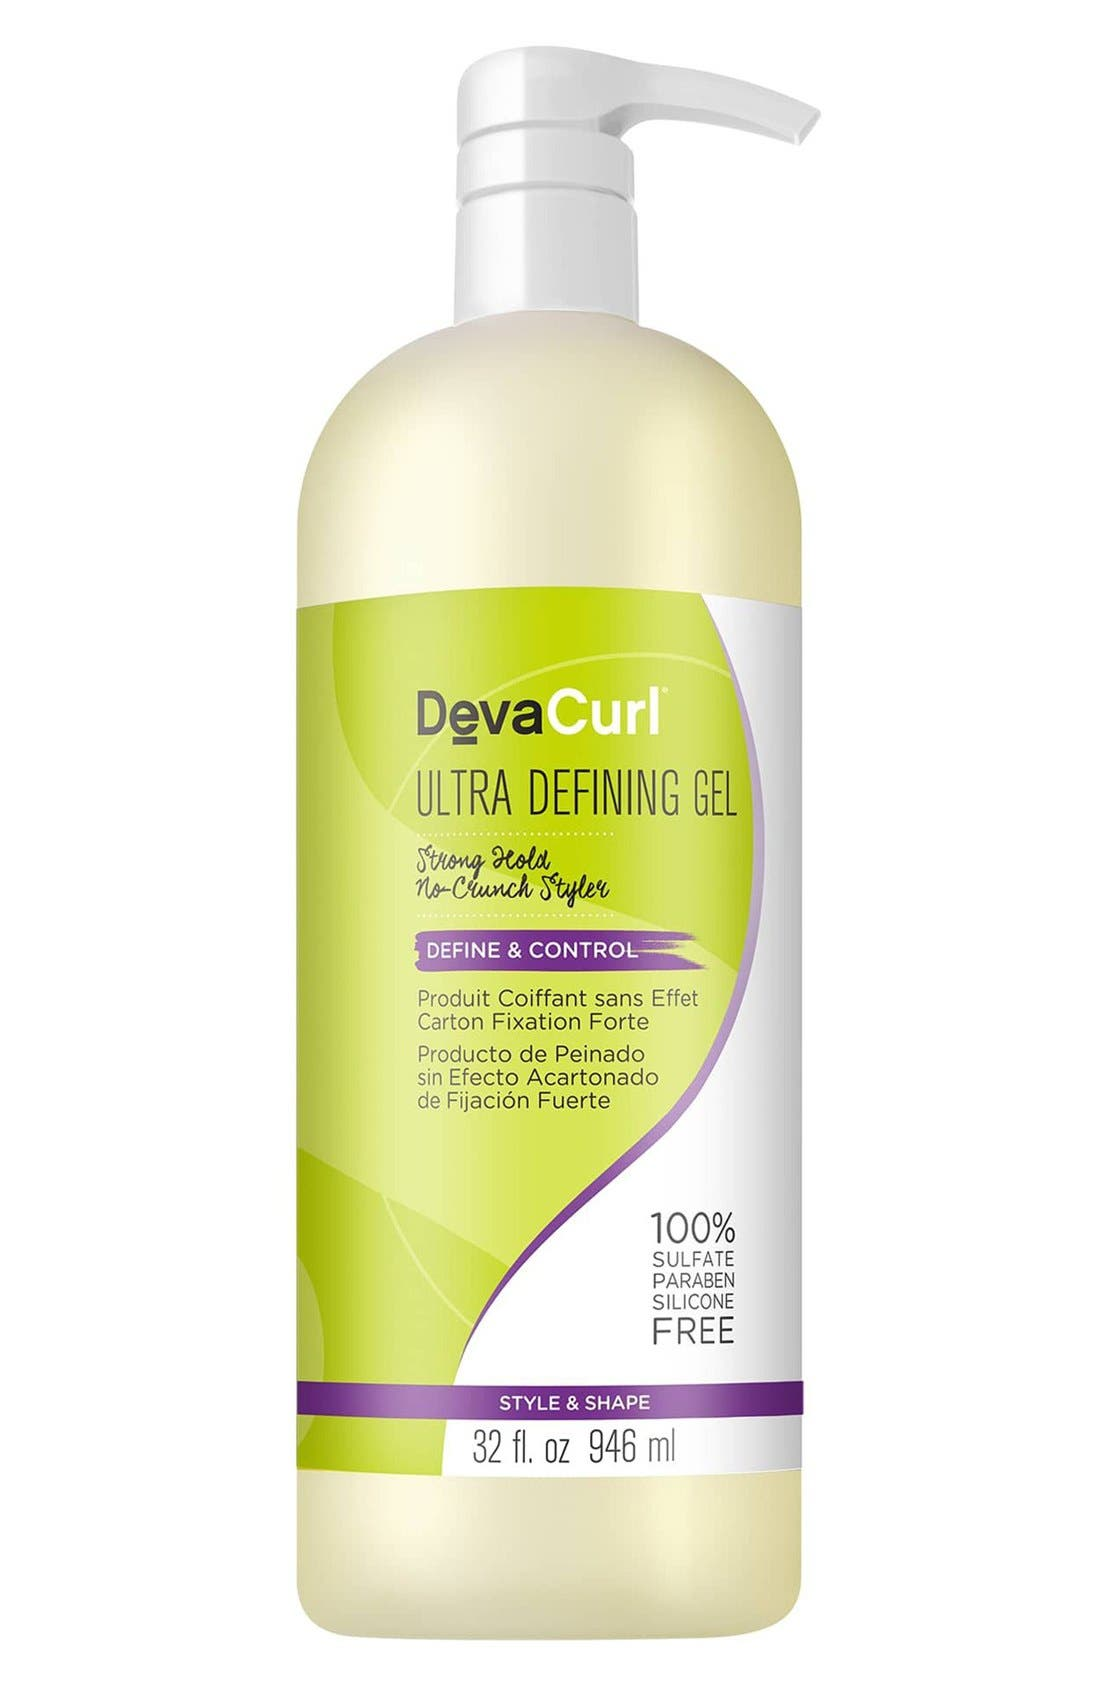 Image of DEVACURL Ultra Defining Gel - 32 oz